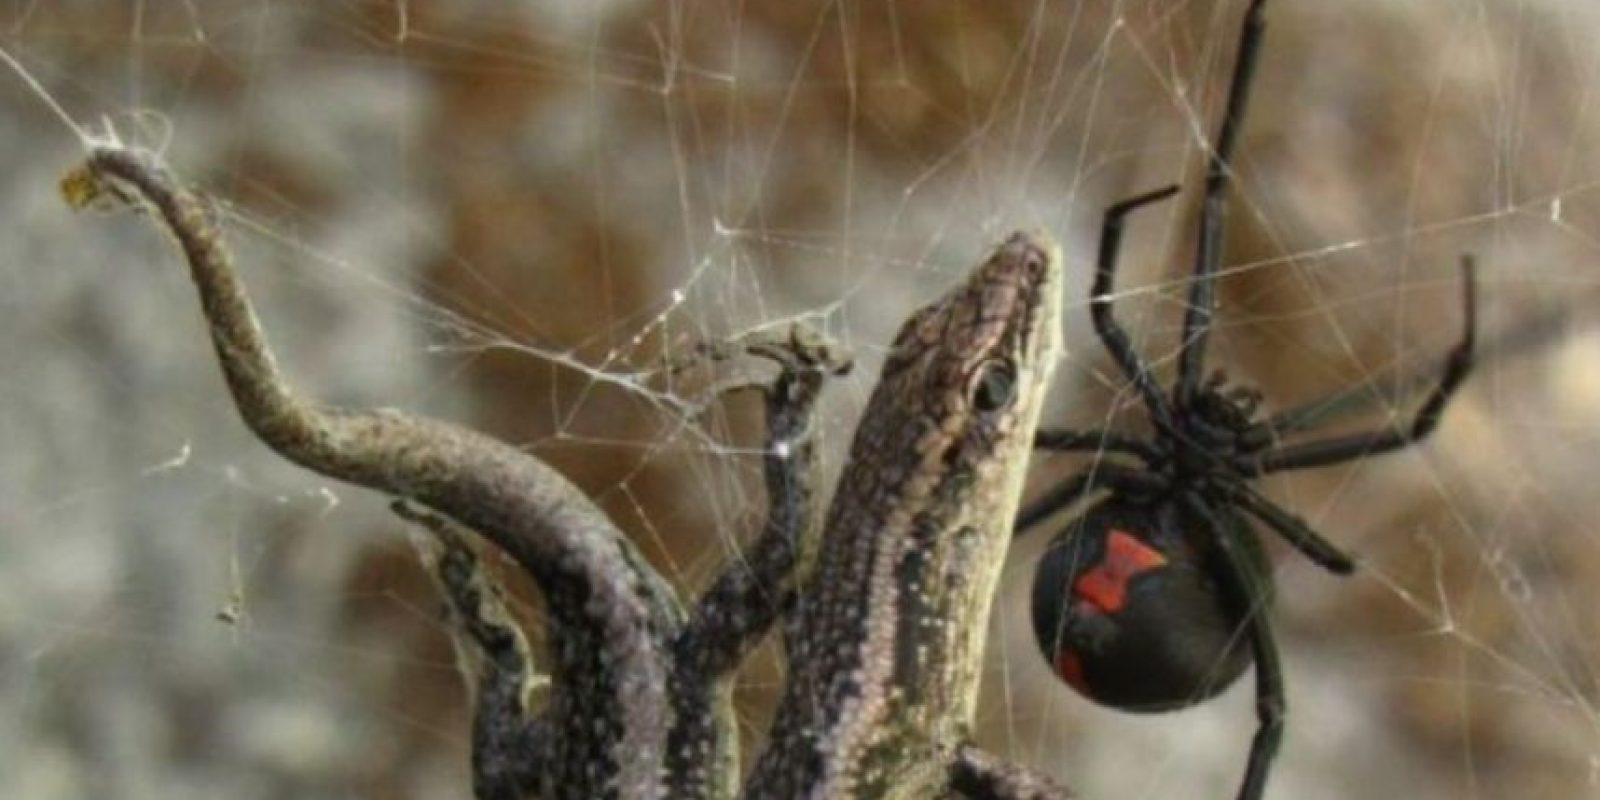 Araña espalda roja: vive en climas tropicales, aunque su lugar de origen es Australia. Suele aparecer en letrinas y es confundida con la Viuda Negra. Su veneno puede matar por asfixia y también produce tensión muscular. Foto:vía Wikipedia